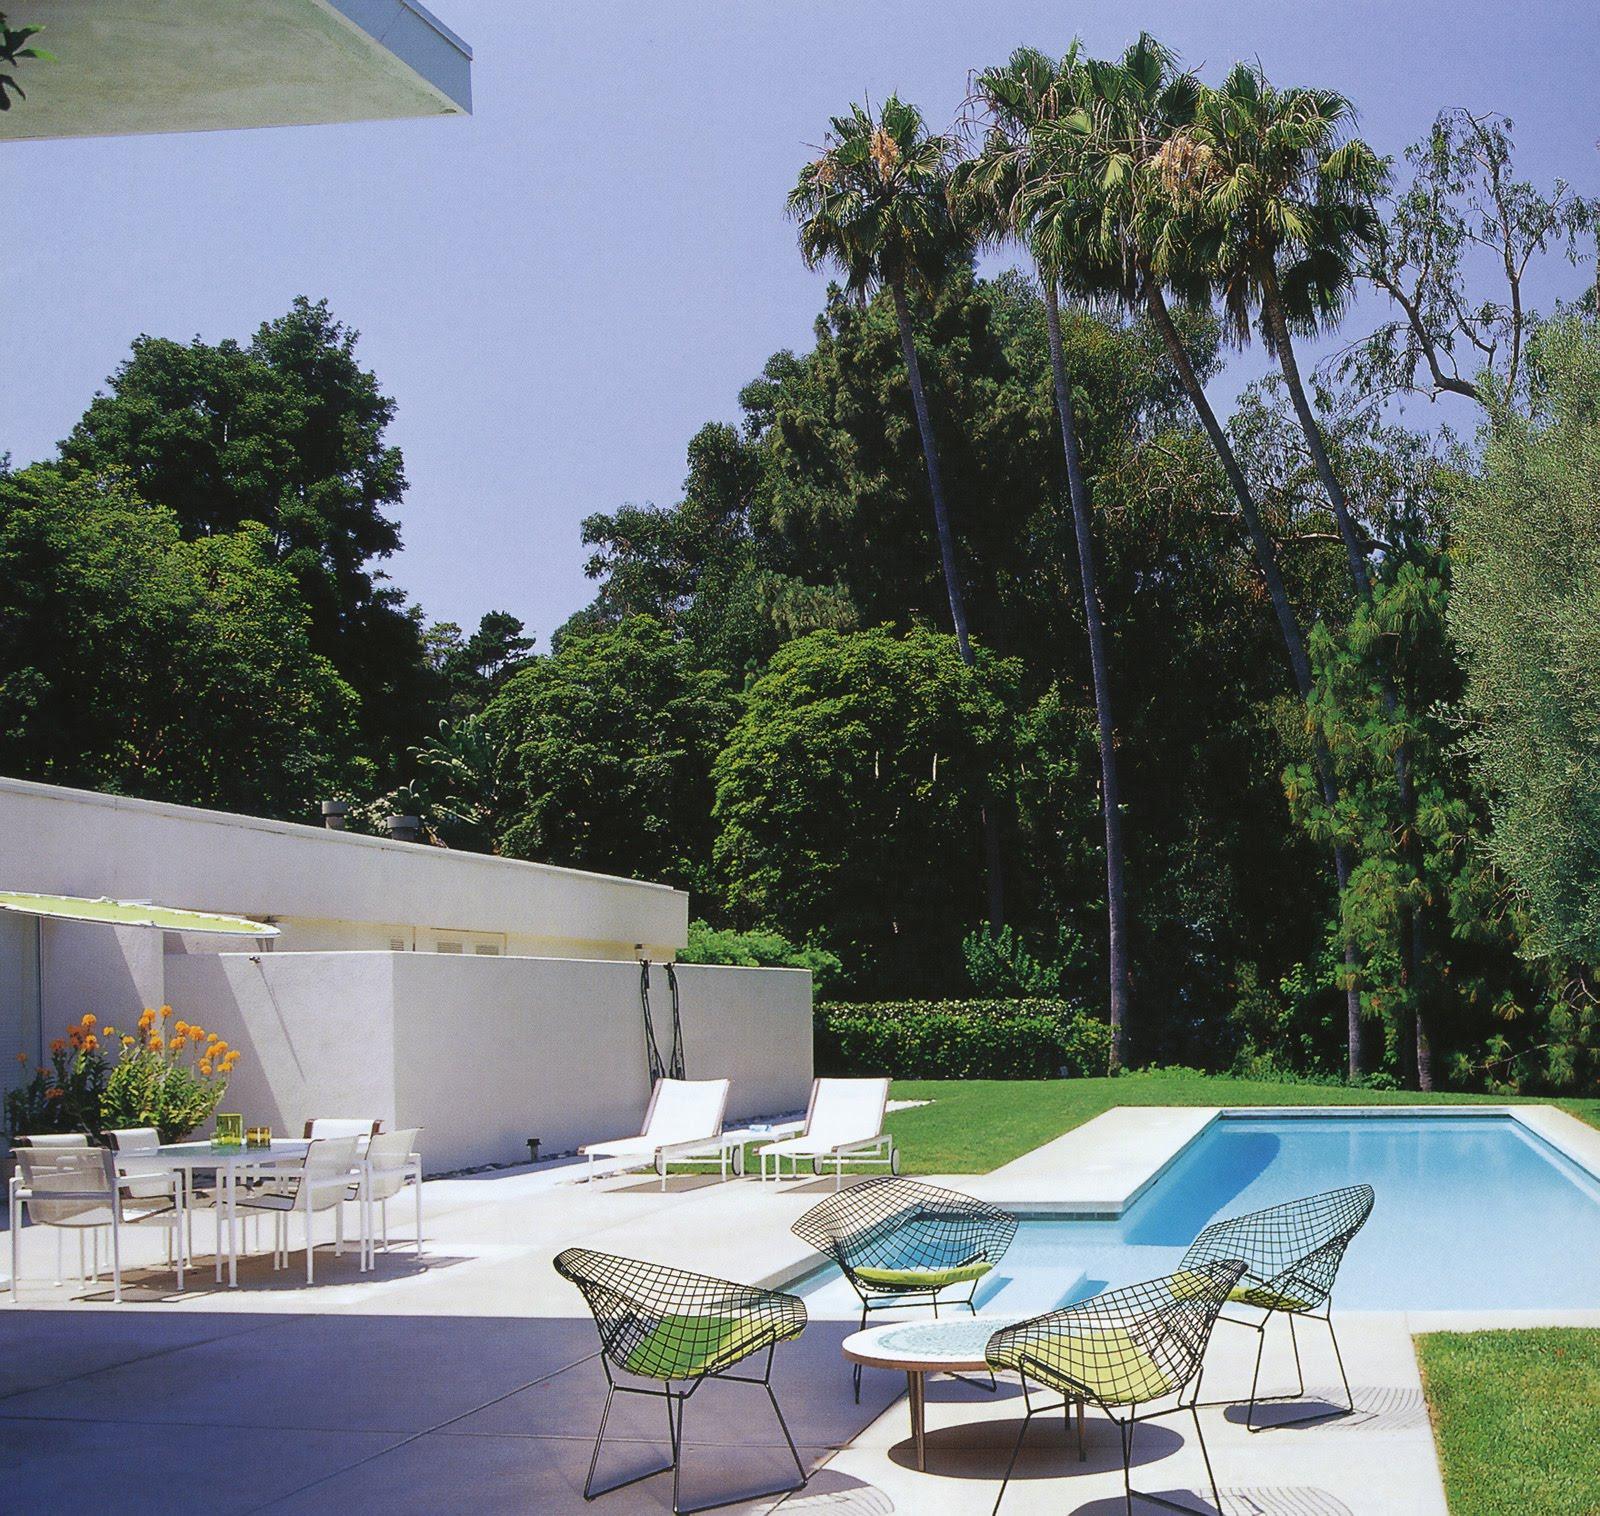 Modern Landscape Design Home: Modern Design By Moderndesign.org